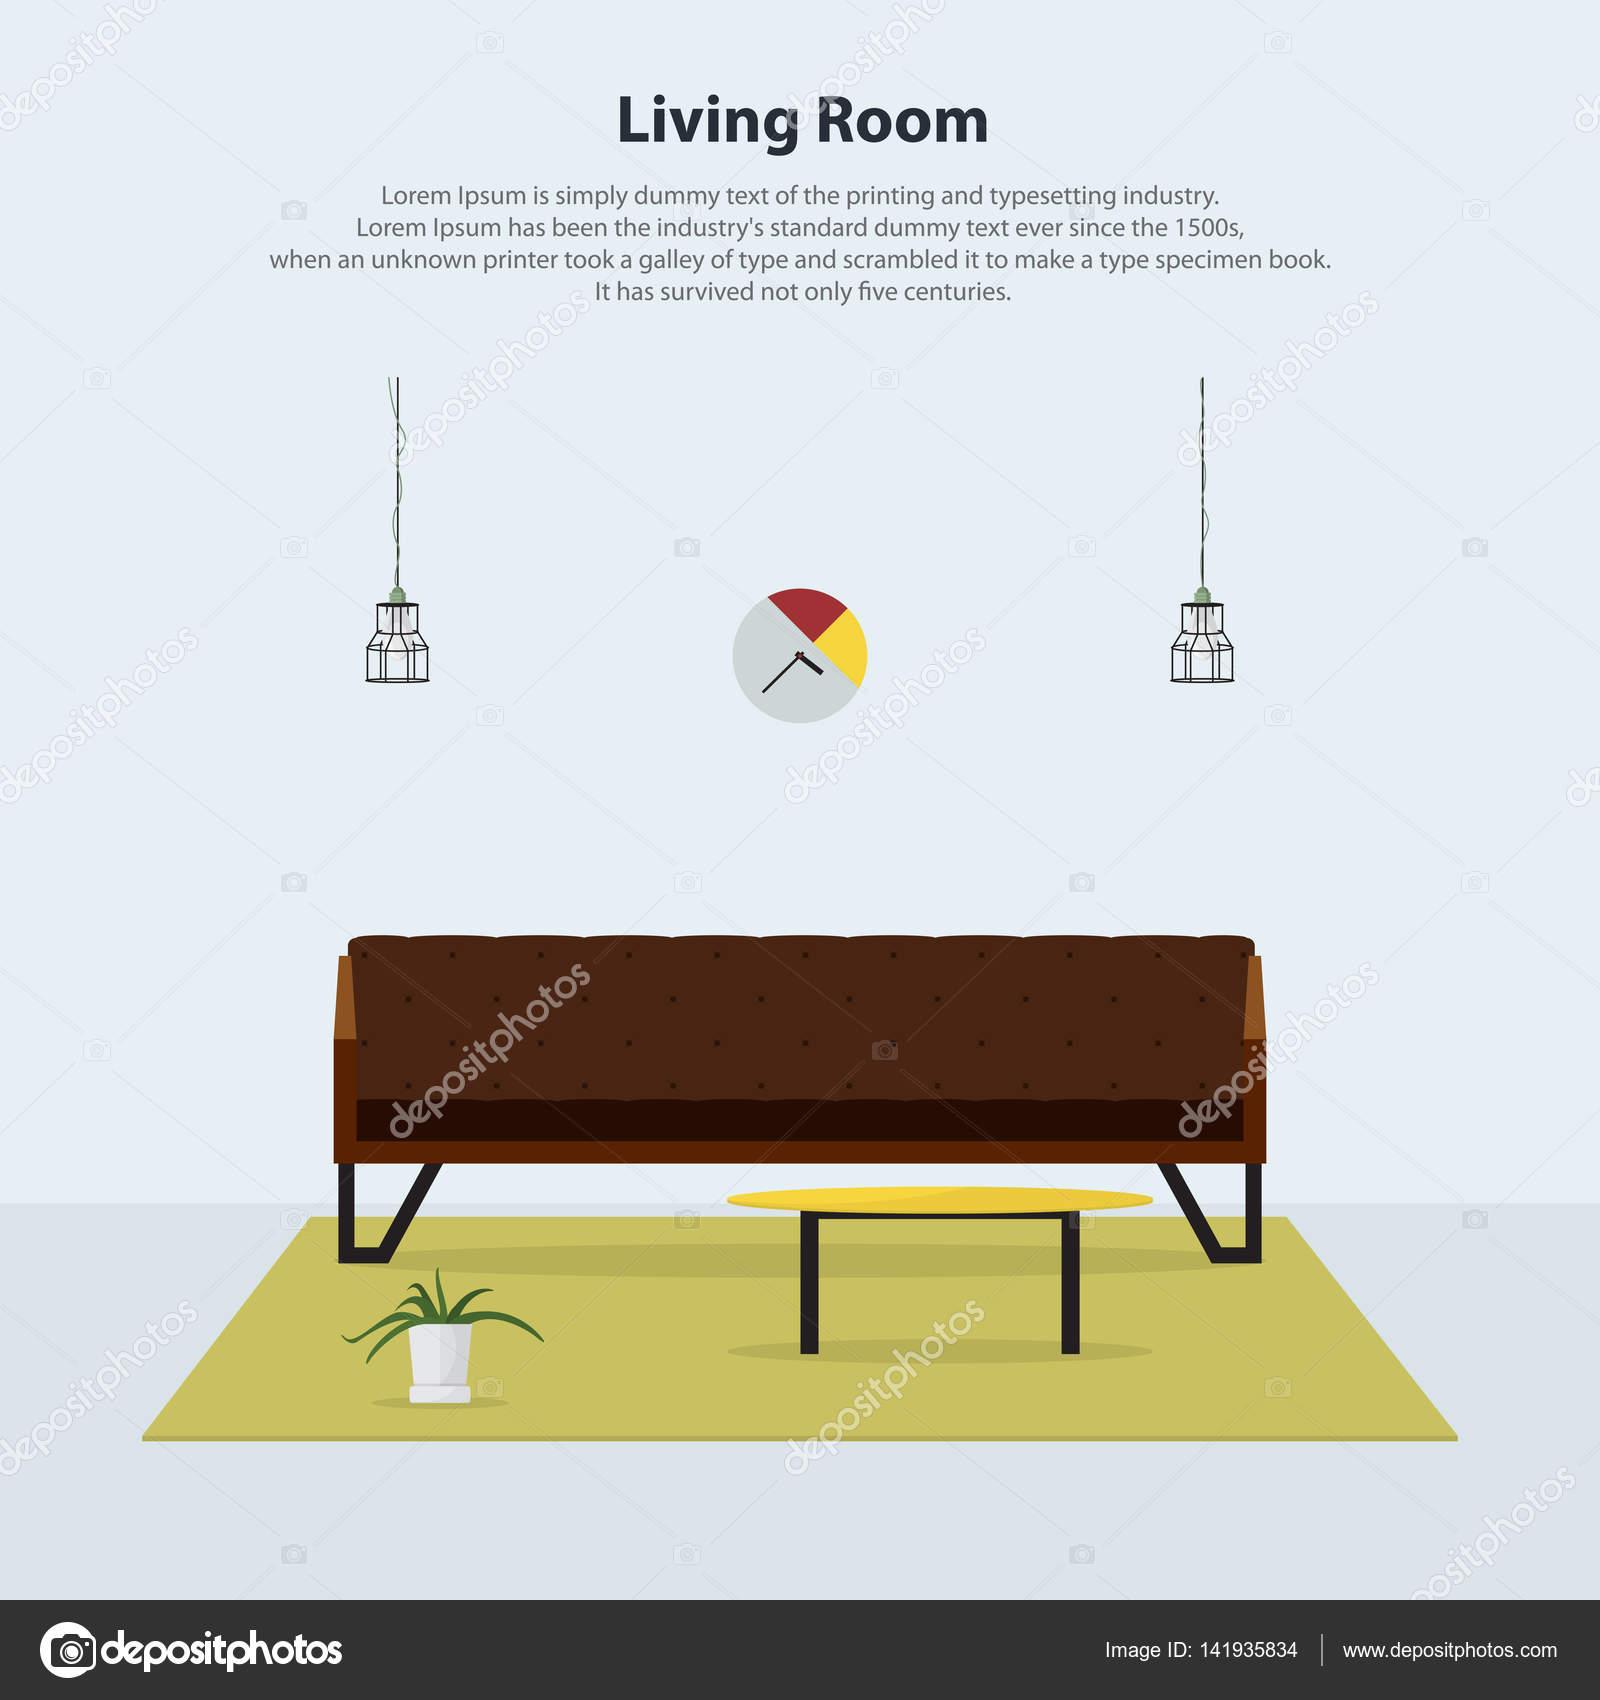 Home Interior Design. Moderne Wohnzimmer Interieur Mit Braunen Sofa, Tisch,  Lampen Und